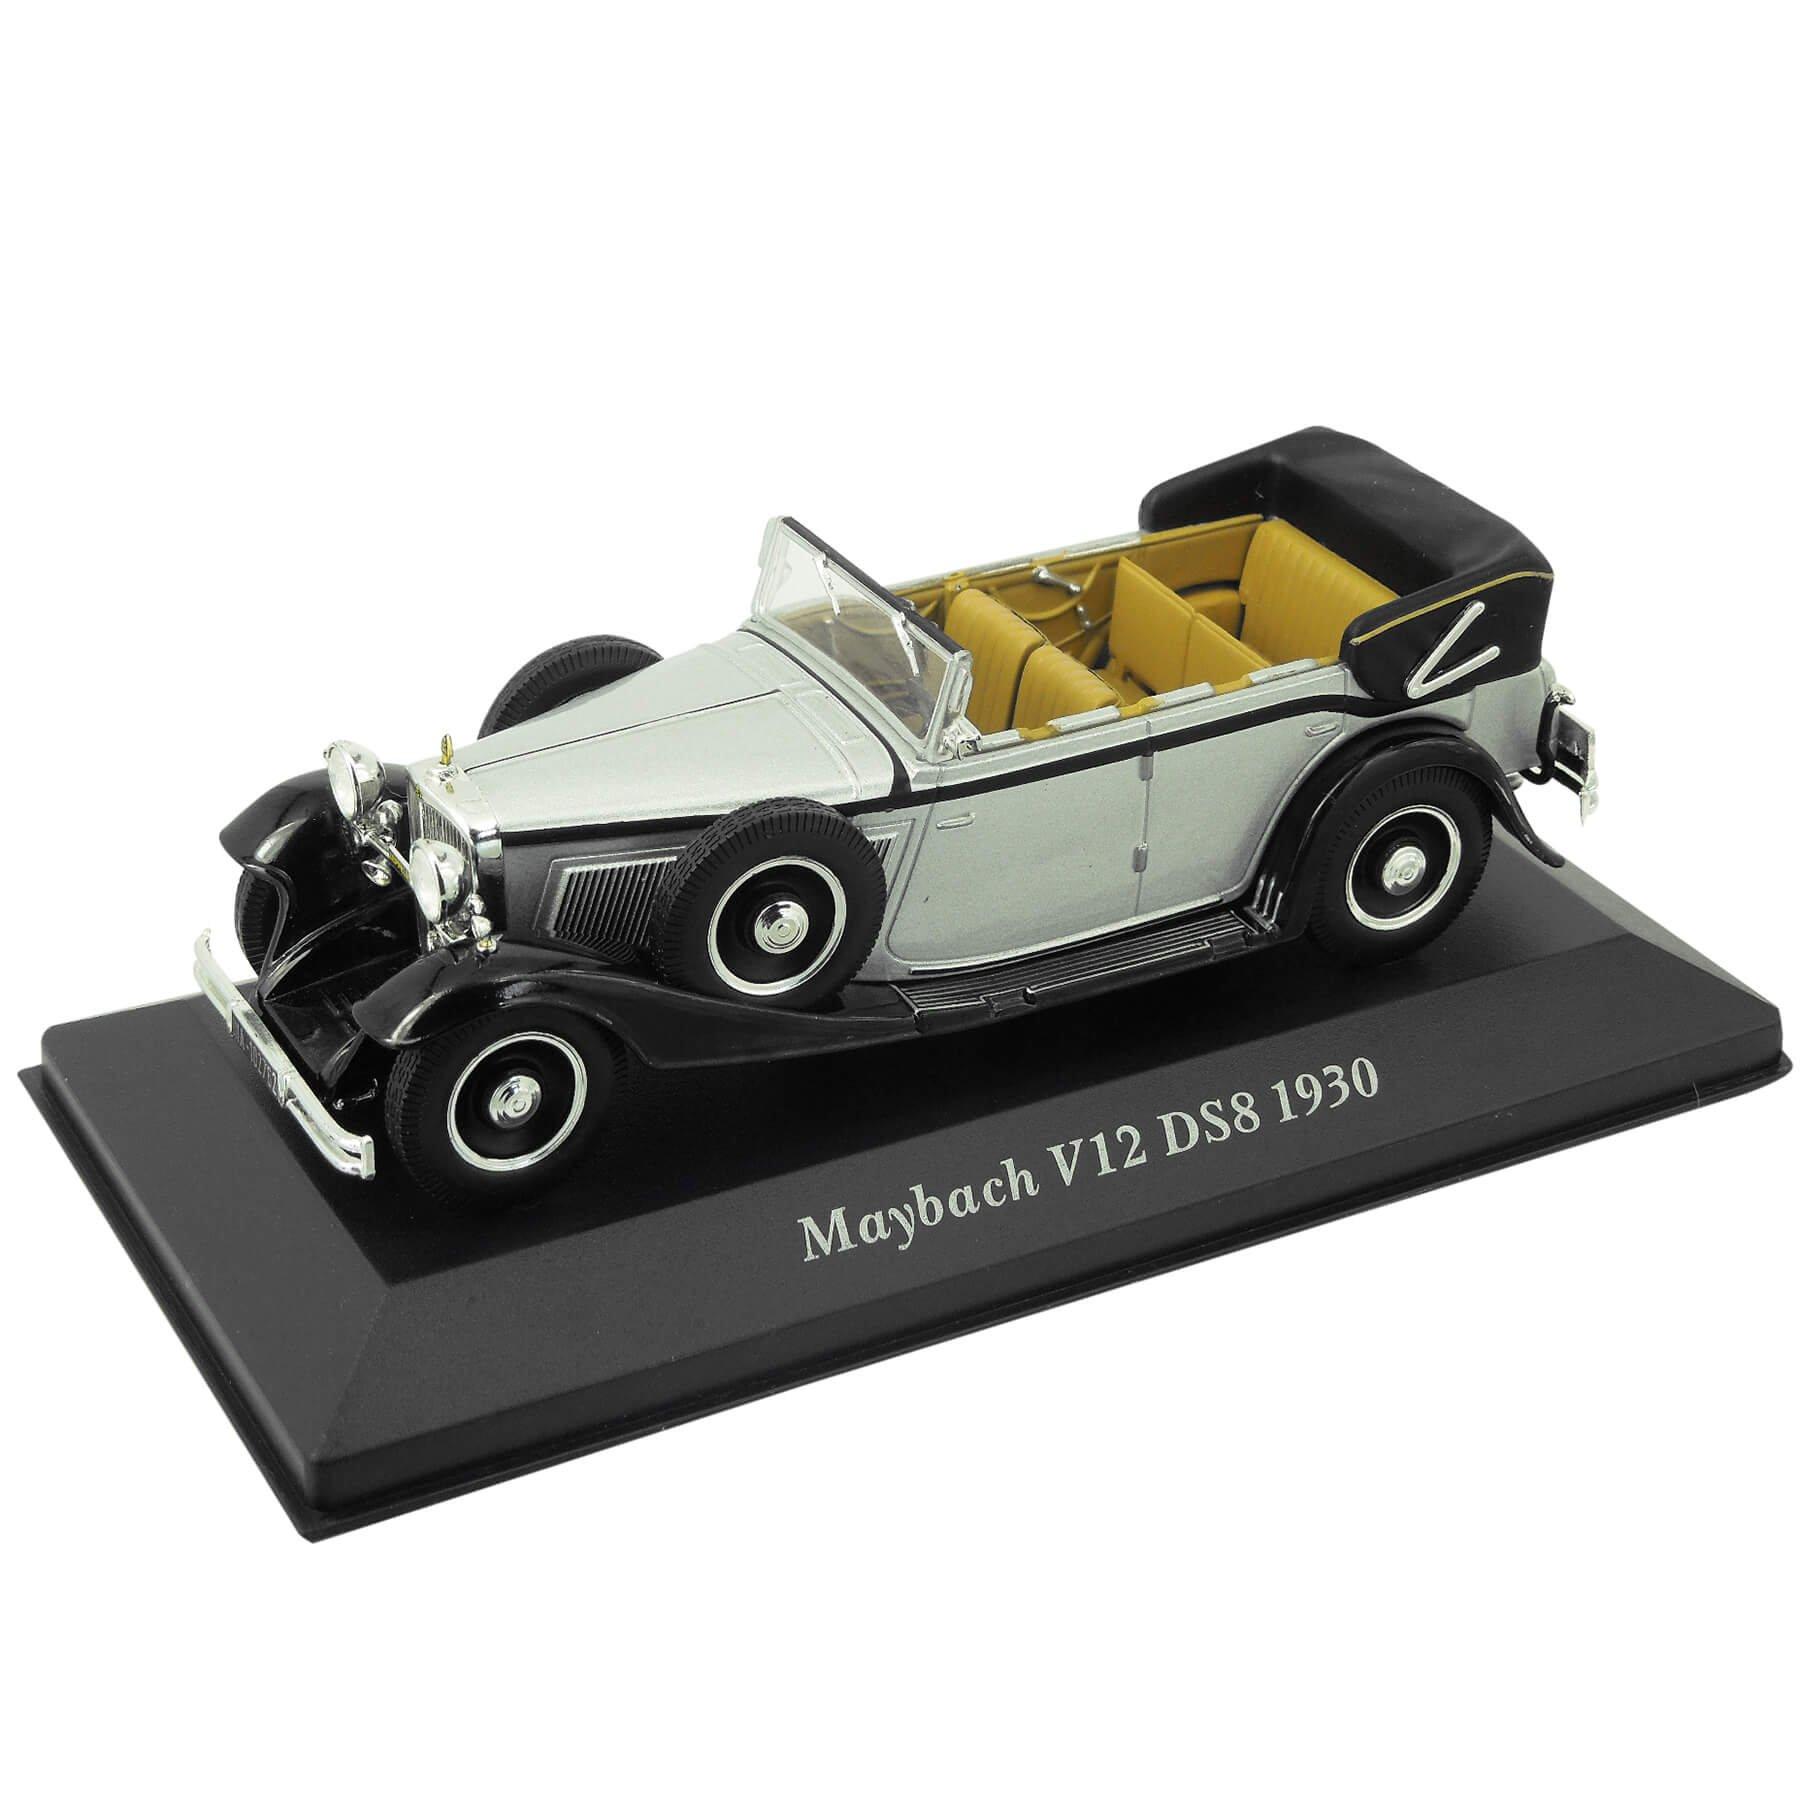 1:43 Altaya by Ixo Modelo de Coche en Miniatura Tipo para Maybach V12 DS8-1930 Plata Negro